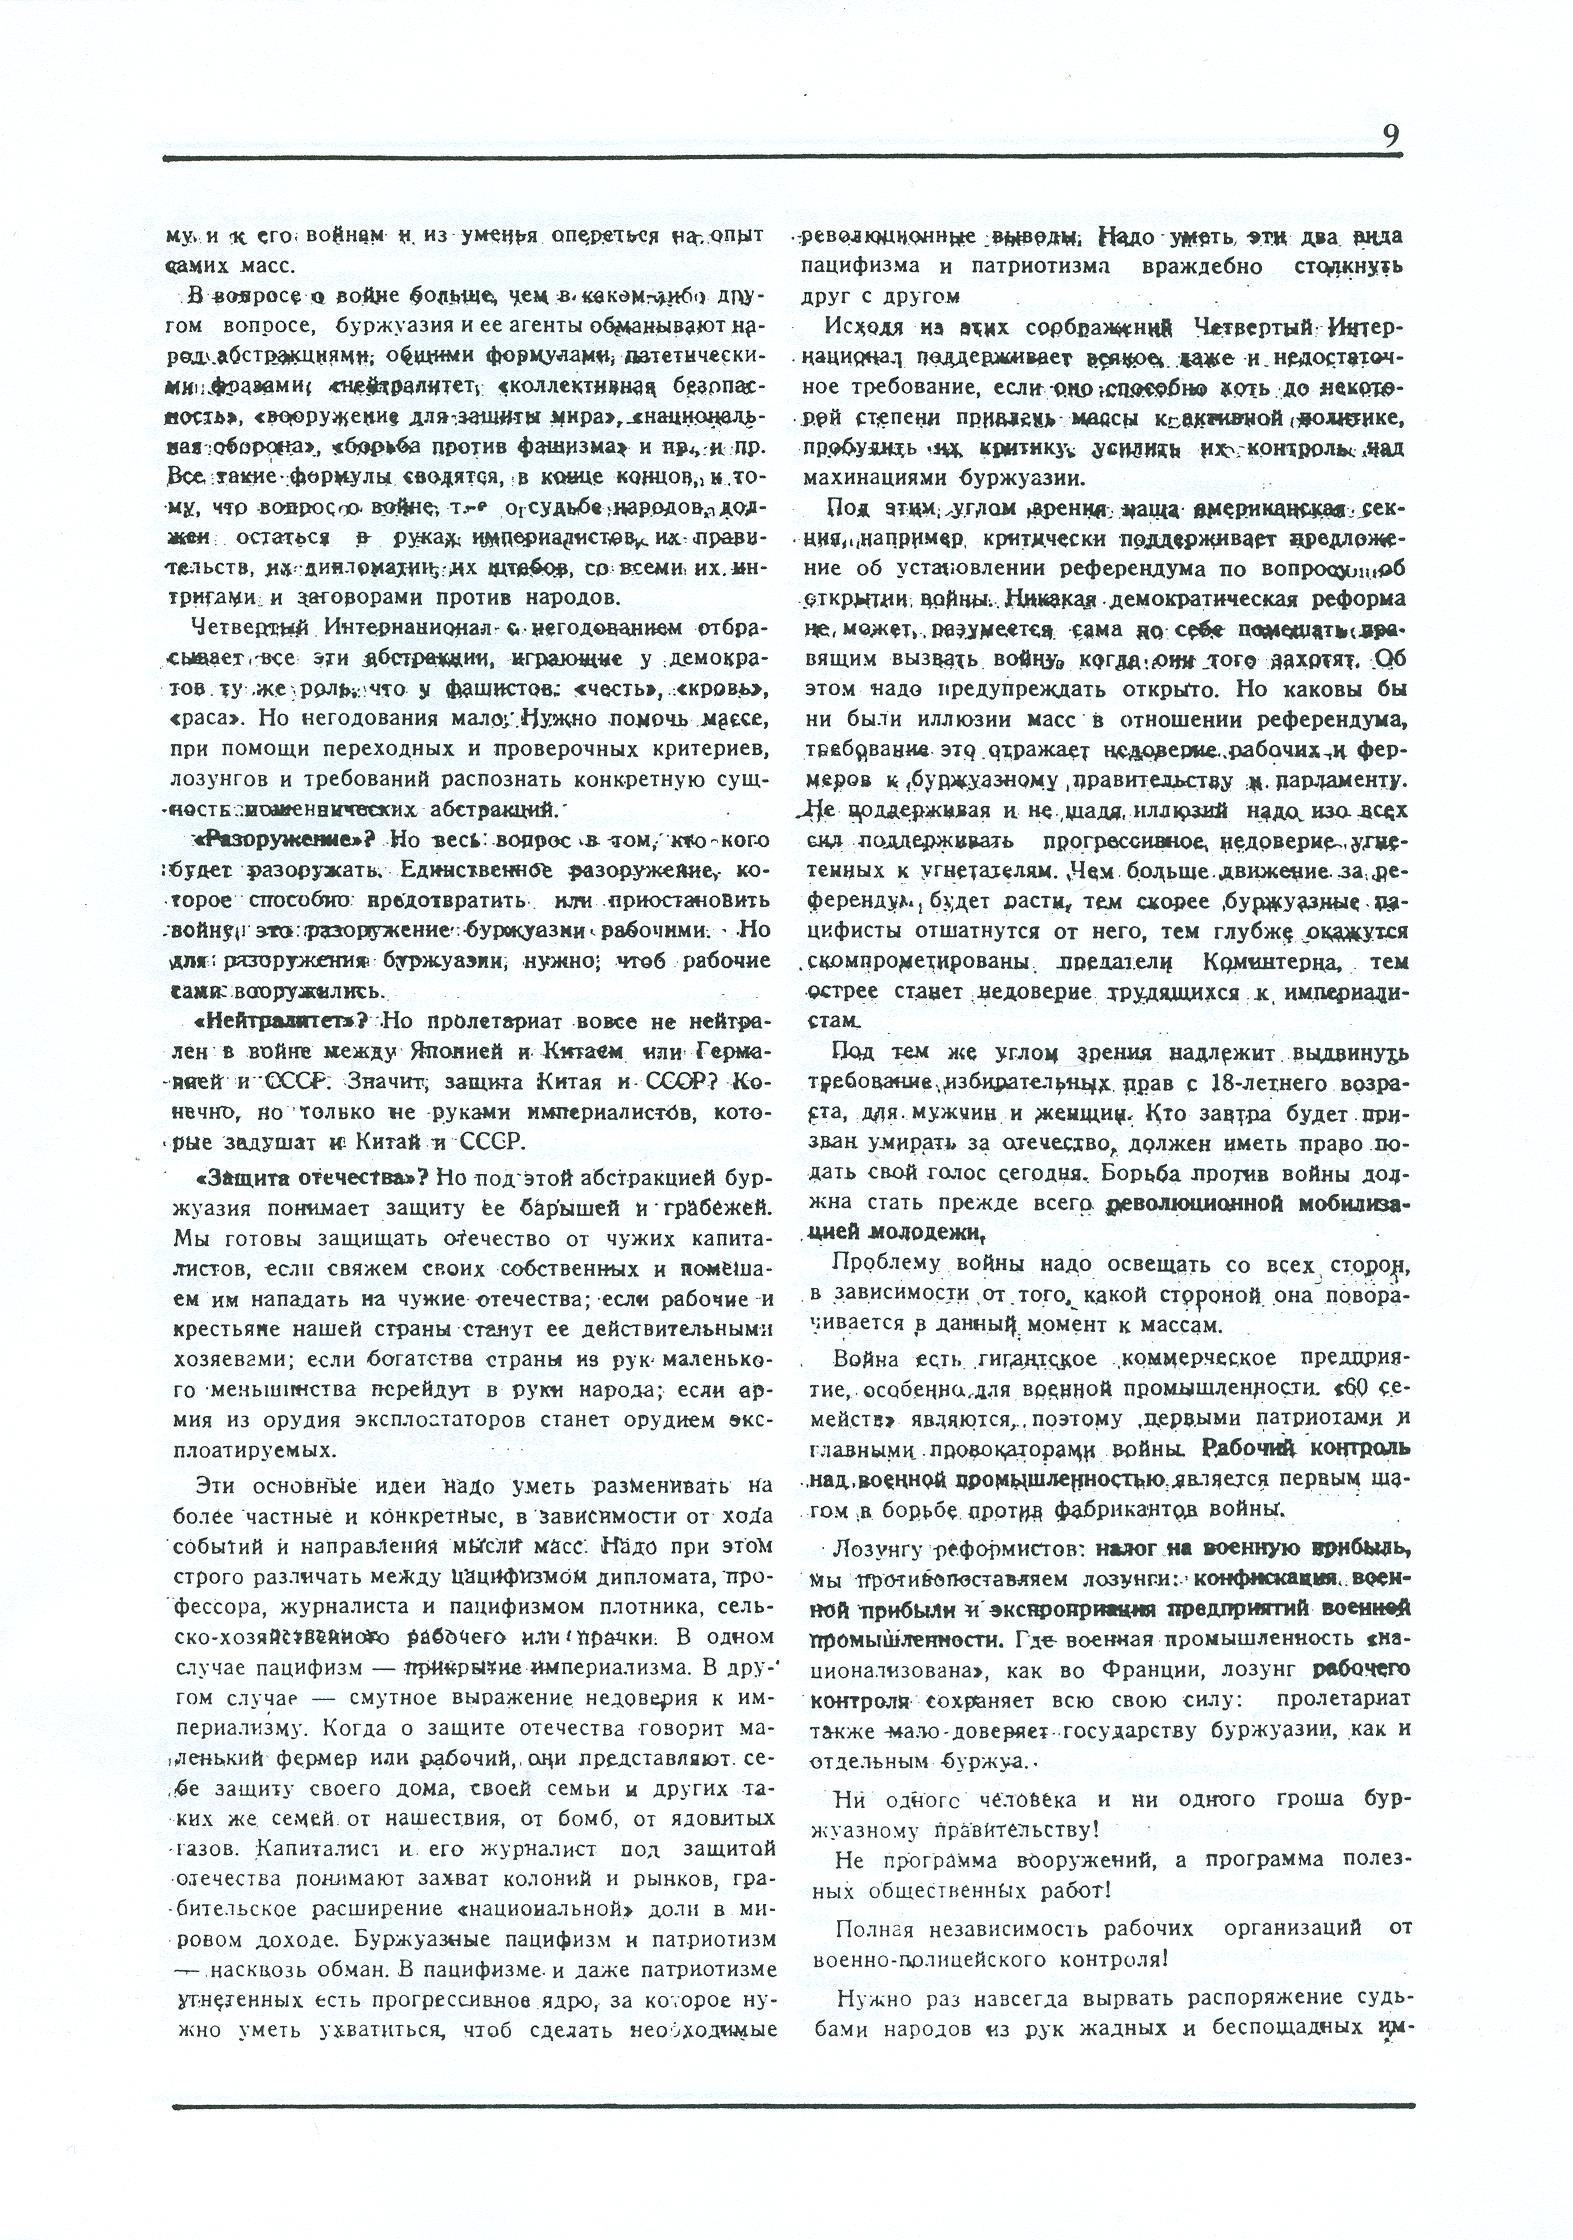 Dagli archivi del bolscevismo n. 1 (marzo 1986) - pag. 9